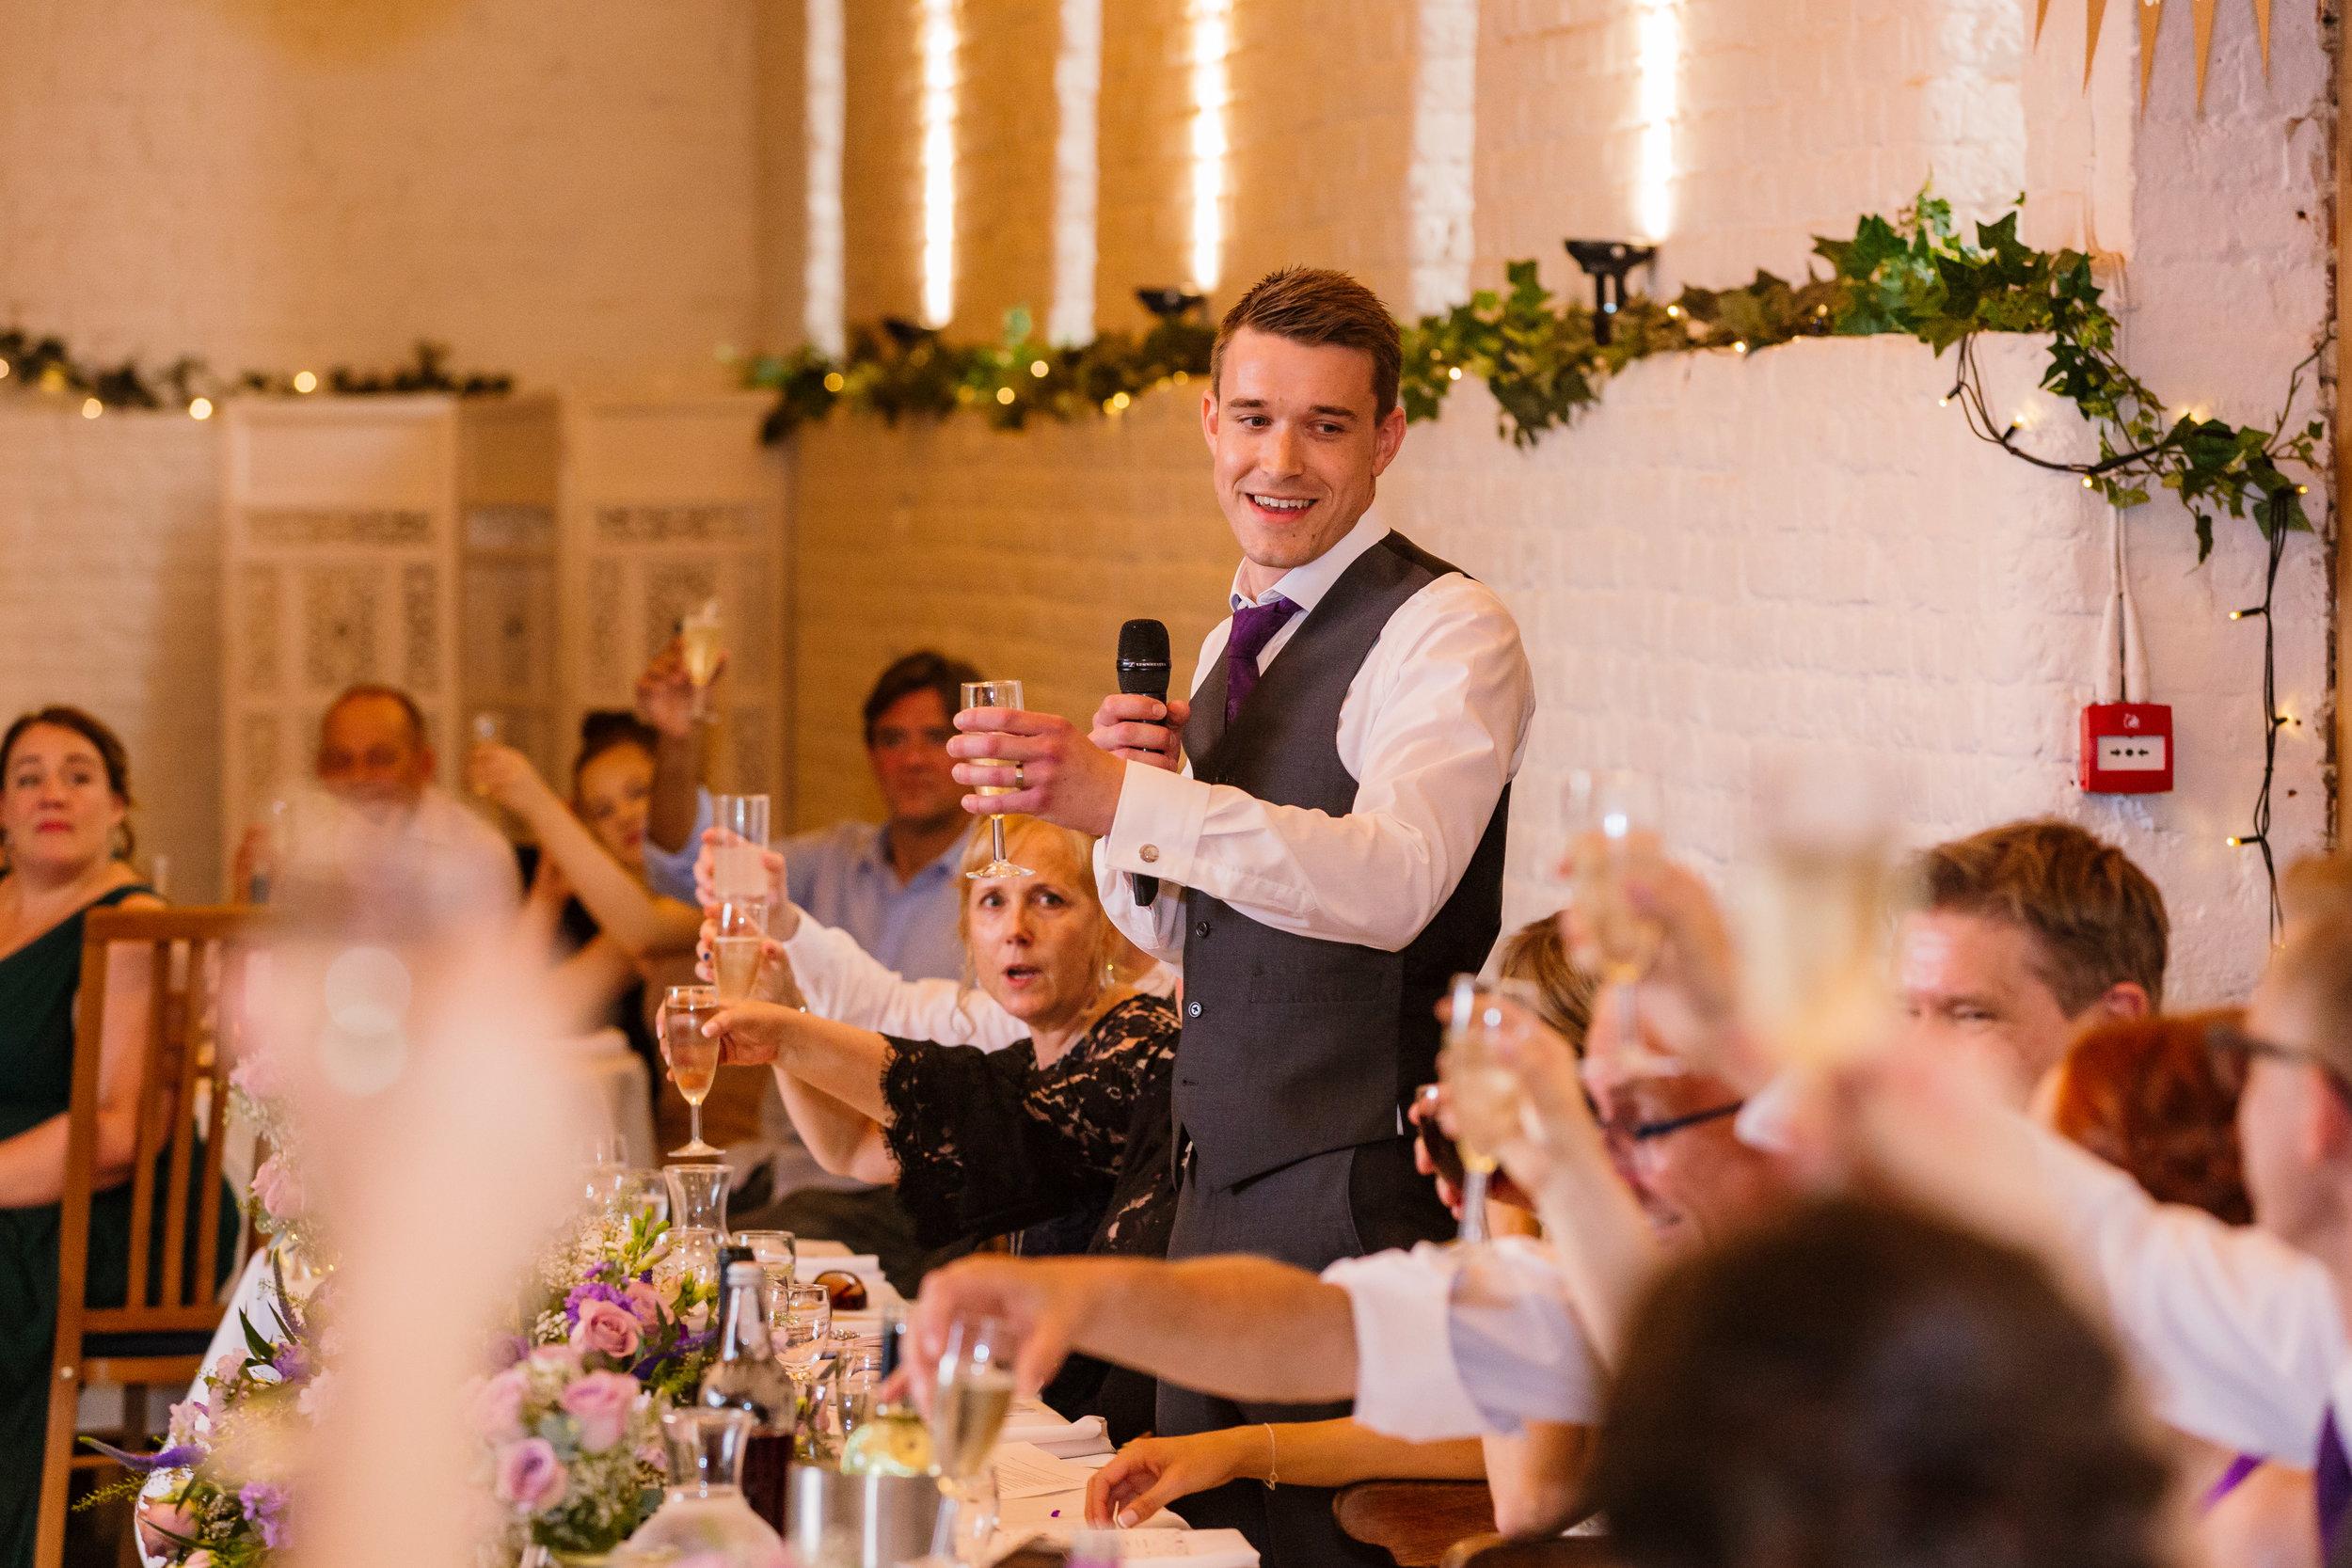 Hampshire Wedding Photographer Hampshire : Ufton-Court-Wedding : Barn-wedding-venue-hampshire : sarah-fishlock-photography : hampshire-barn-wedding-857.jpg